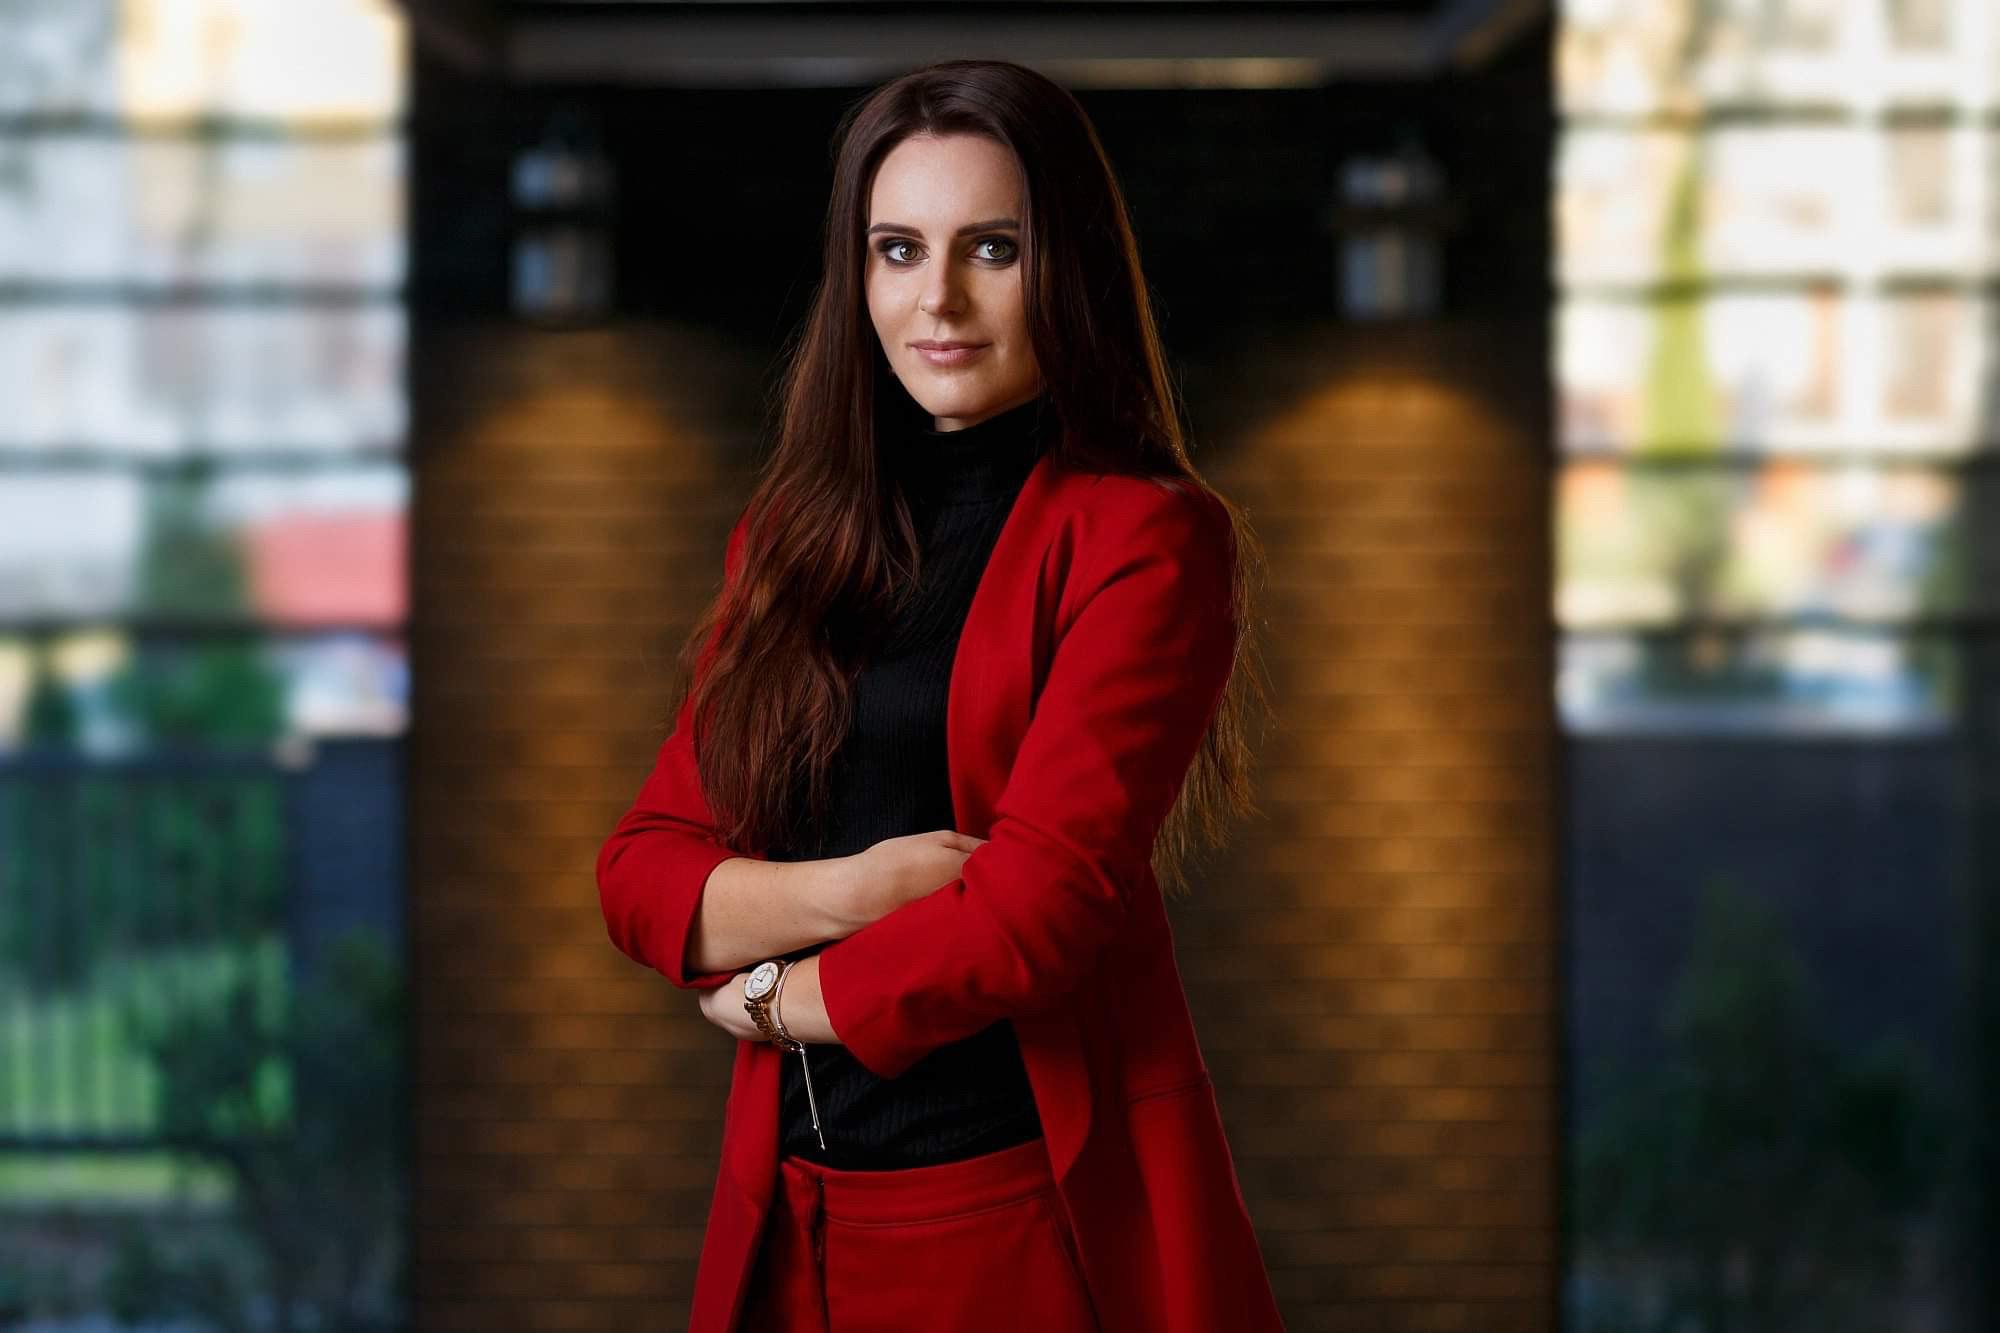 Kancelaria adwokacka - adwokat dr Katarzyna Wiktorzak